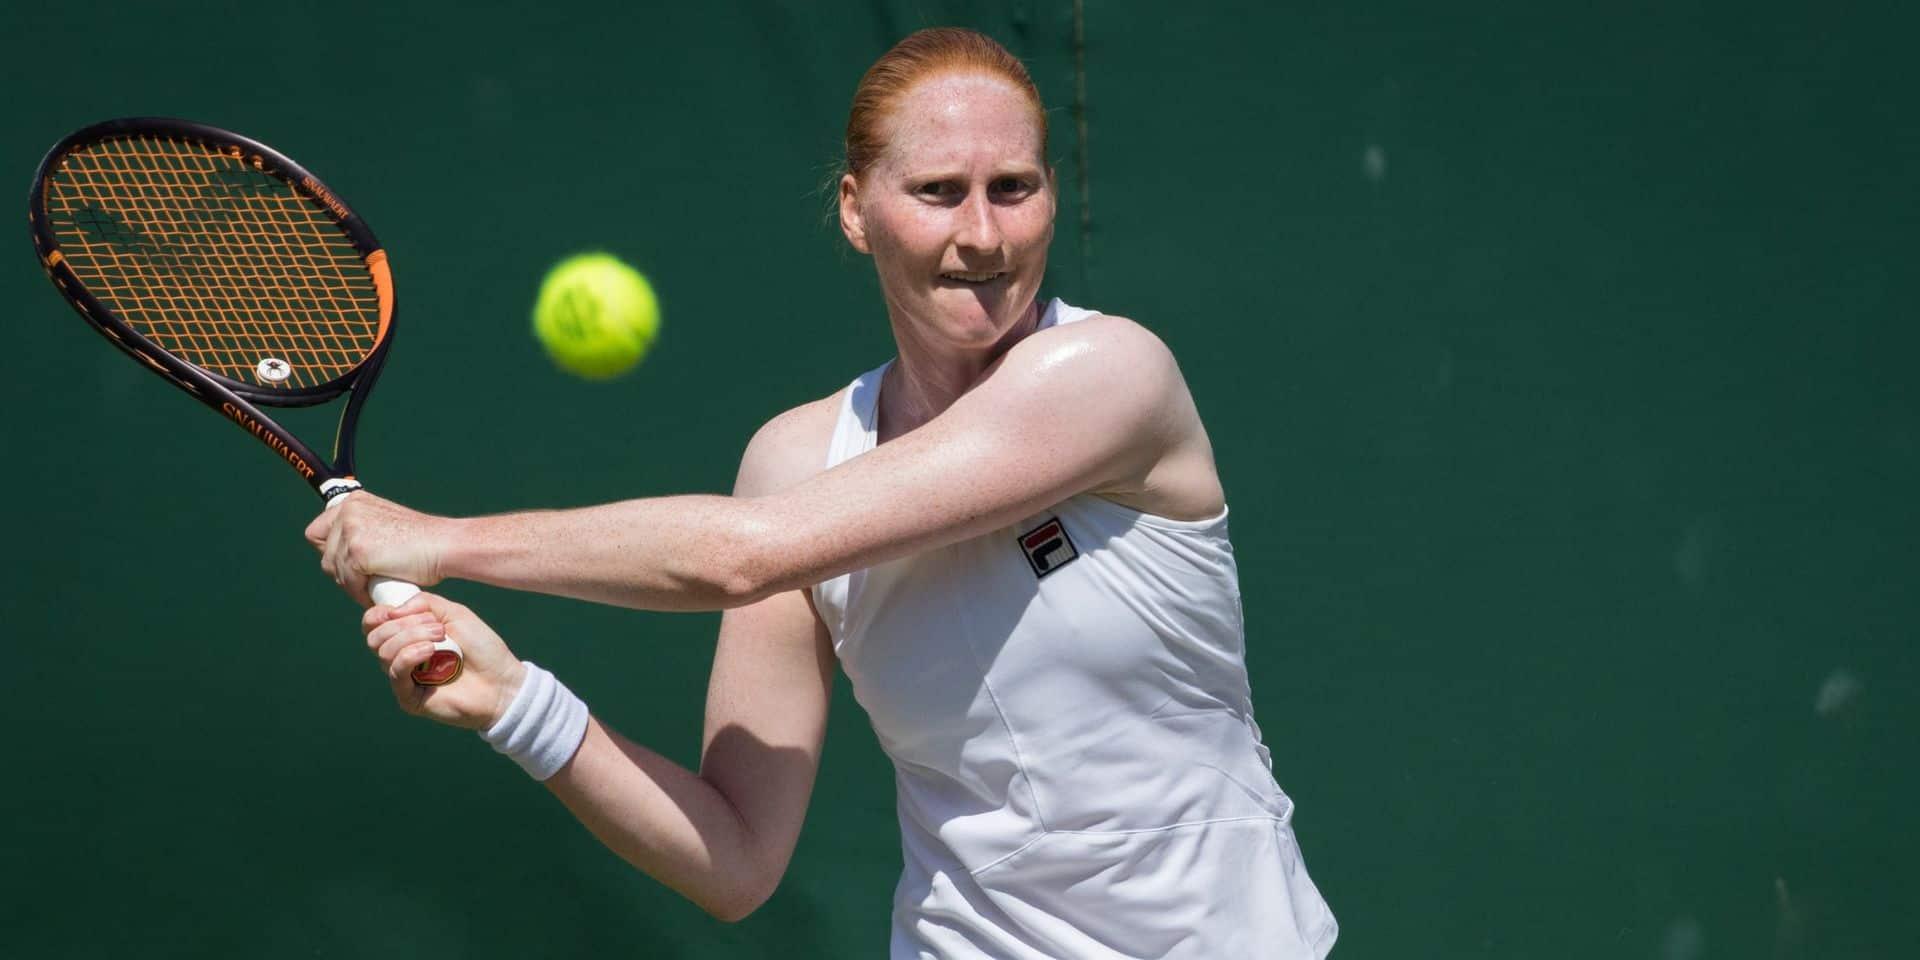 WTA Palerme : Alison Van Uytvanck s'incline face à Martic, 15ème au classement WTA